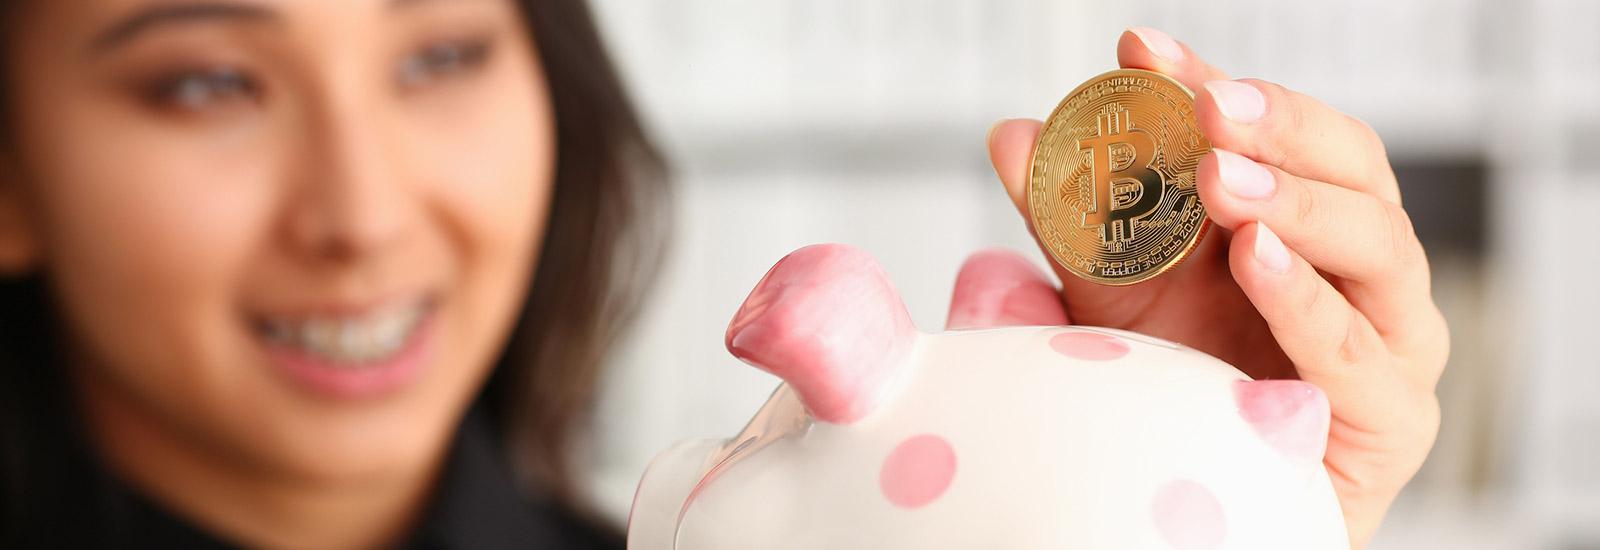 【2020年対応】仮想通貨(暗号資産)の税金の基本 税理士がわかりやすく解説!